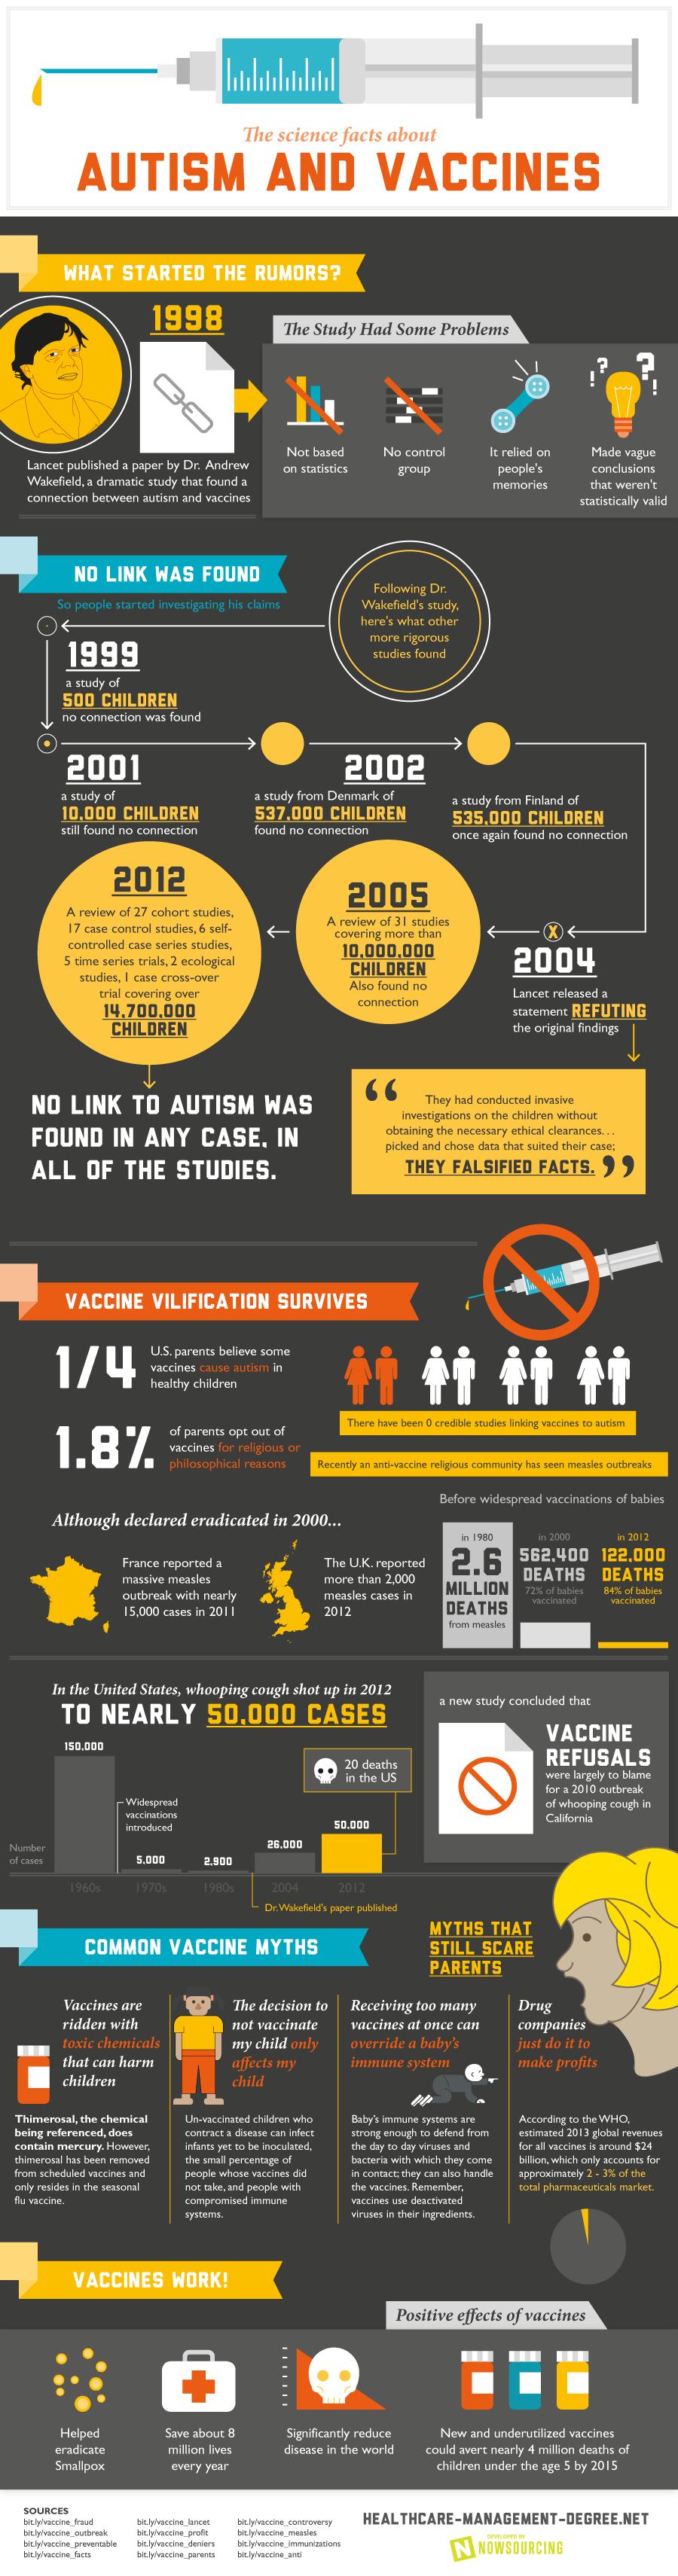 vaccinesandautism